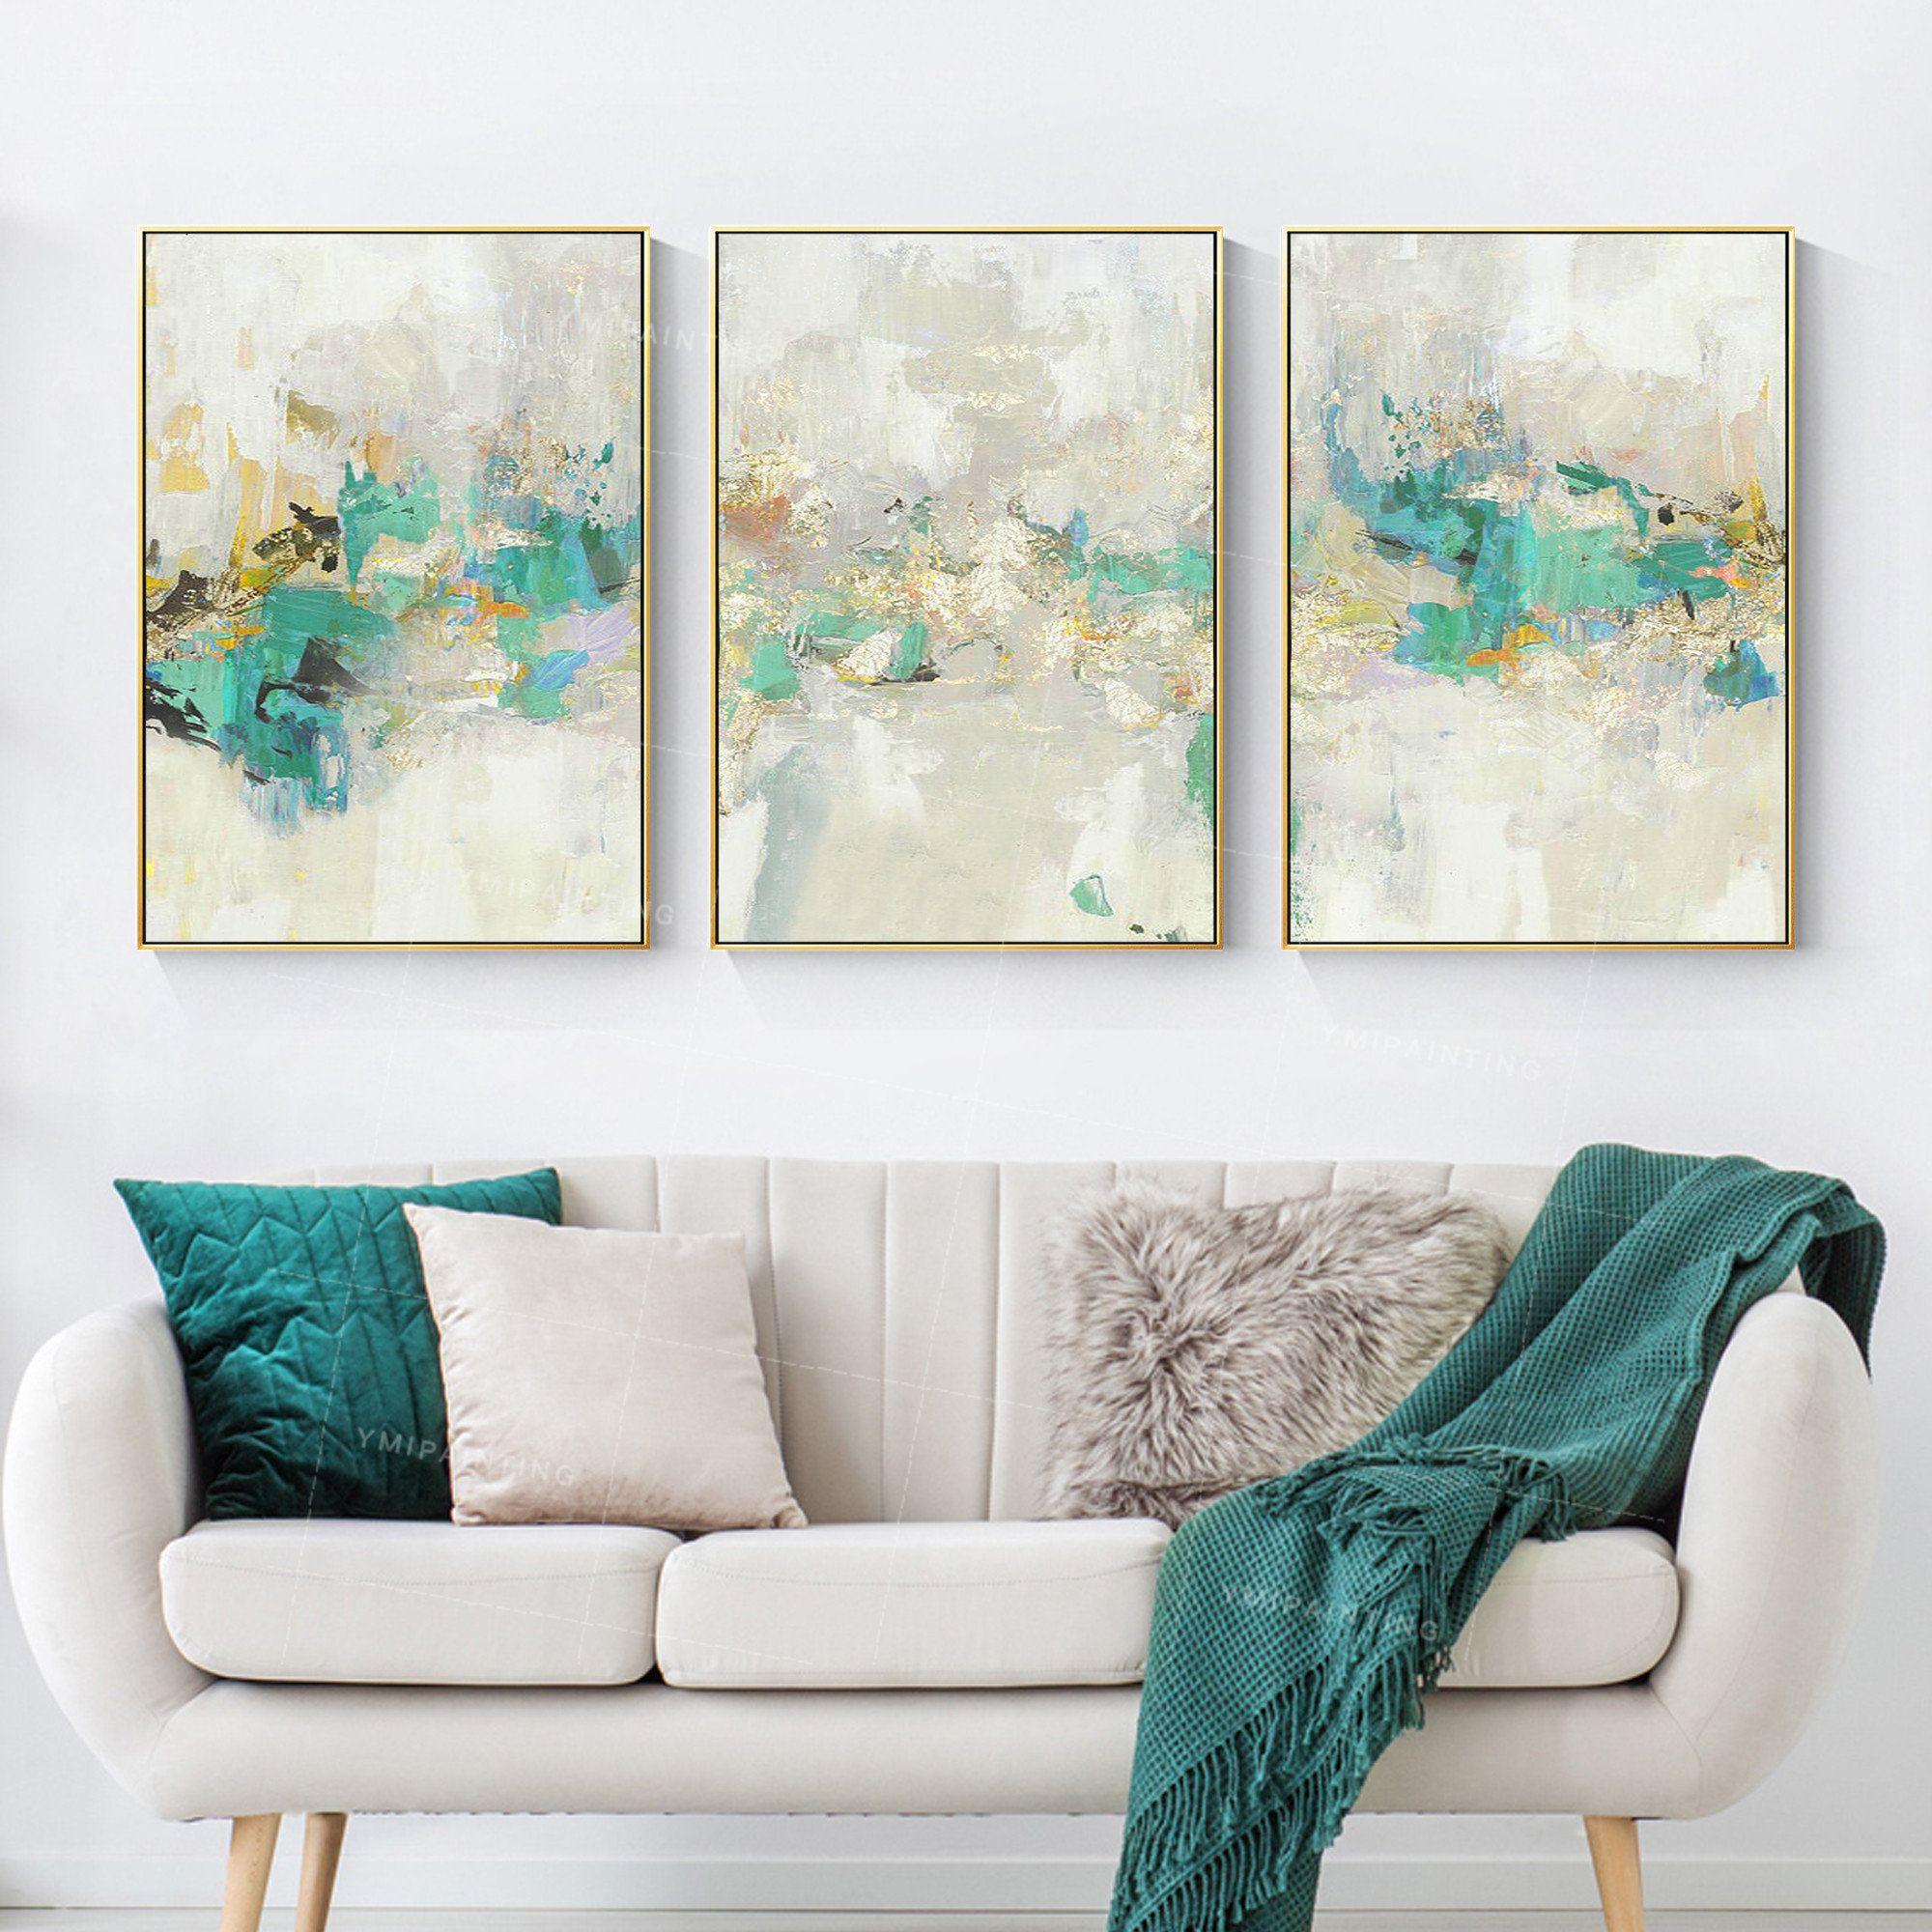 3 Pieces Or Art Peinture Abstraite Sur Toile De Tableau Dart Etsy 3 Piece Canvas Art Etsy Art Prints Wall Art Pictures